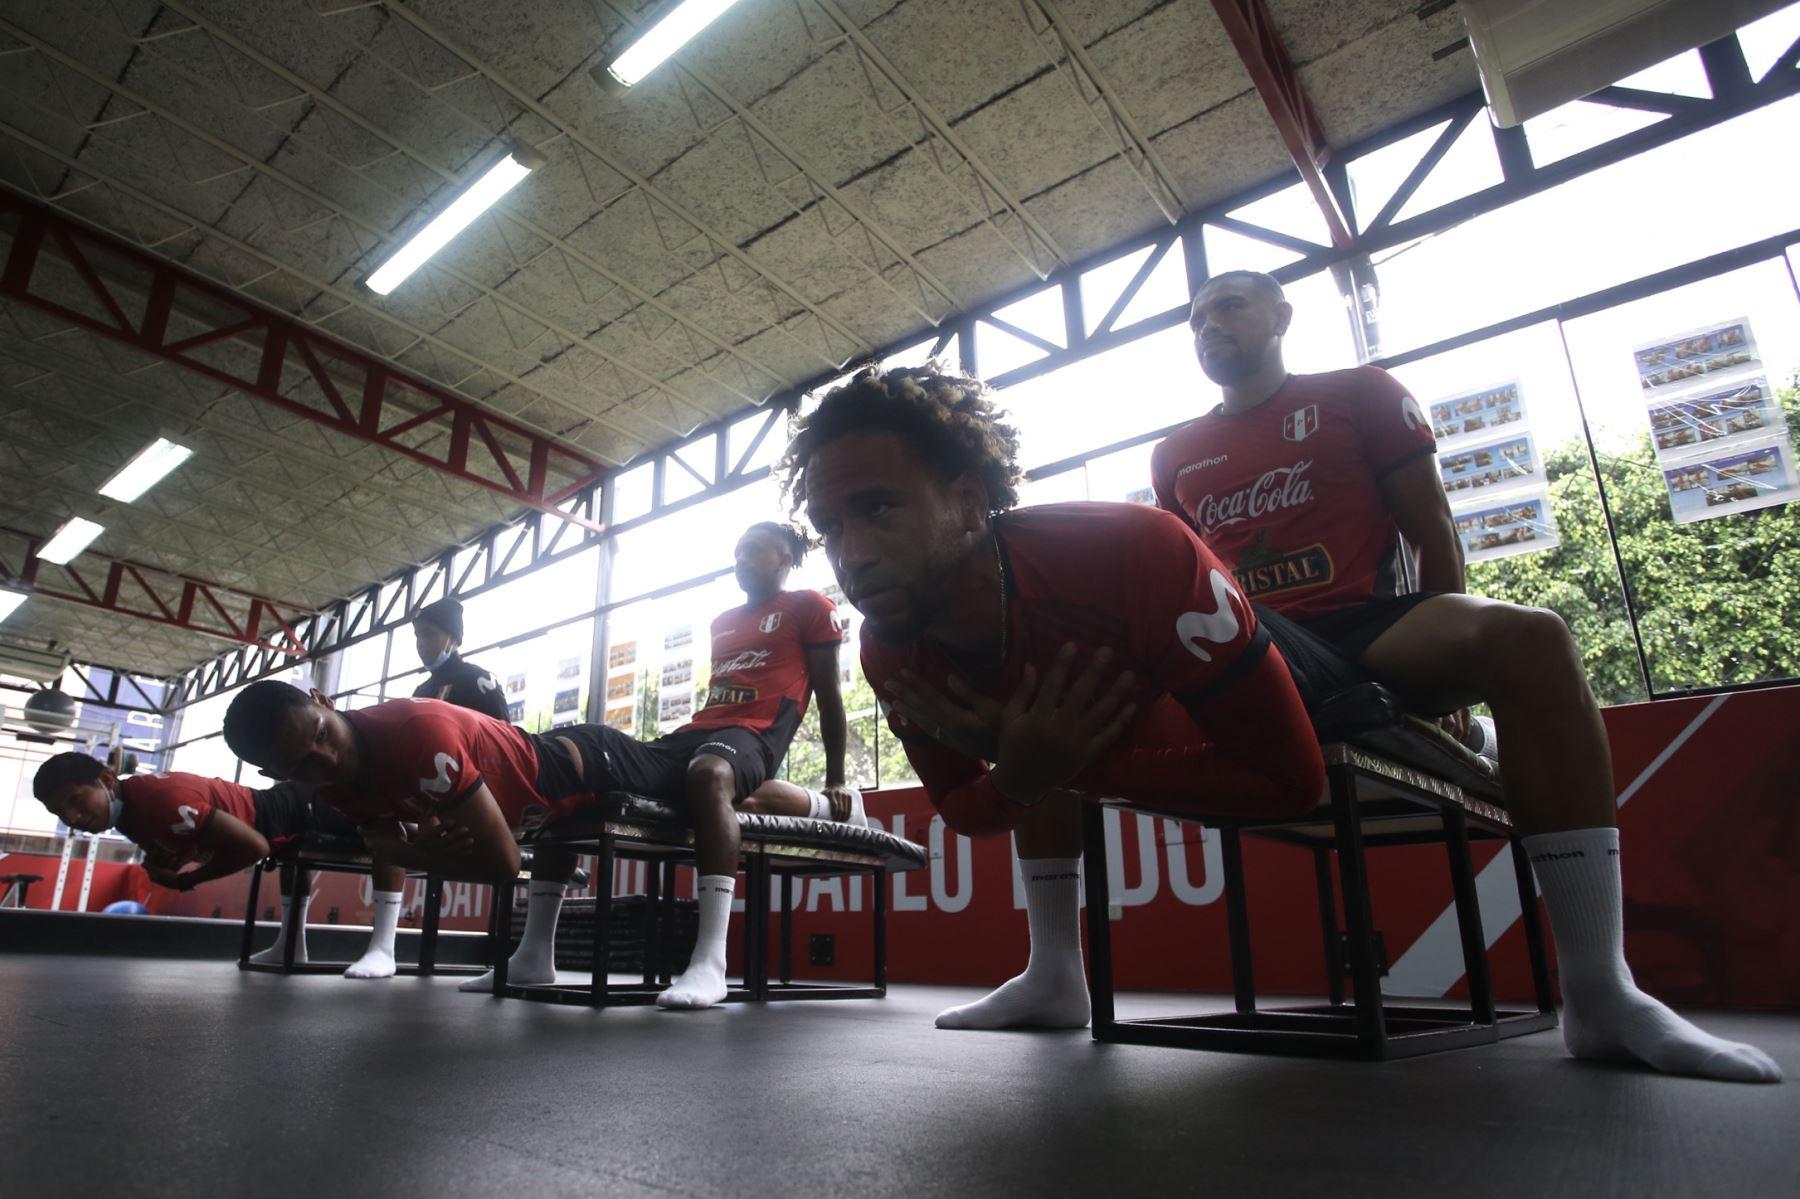 Pedro Gallese, Edison Flores, Yordy Reyna, Alexander Callens, Andy Polo y Marcos López fueron los futbolistas que iniciaron las prácticas hasta que deban reintegrarse a sus clubes para el inicio de la temporada 2021. Foto: FPF